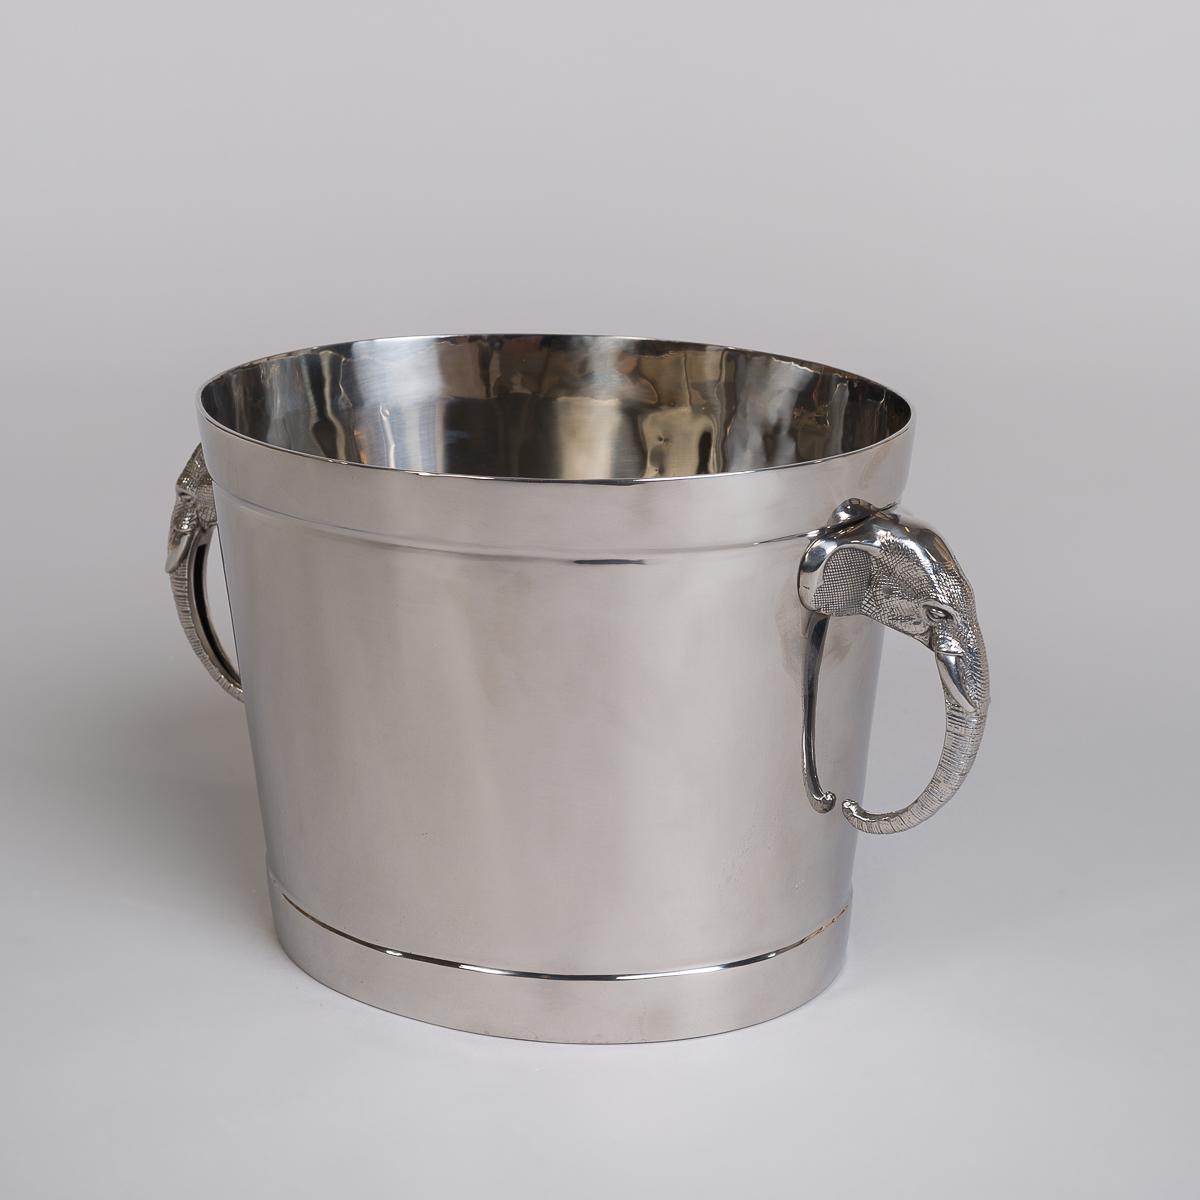 Champagnekjøler i rustfritt stål med elefanthåndtak - Glatt utgave-0